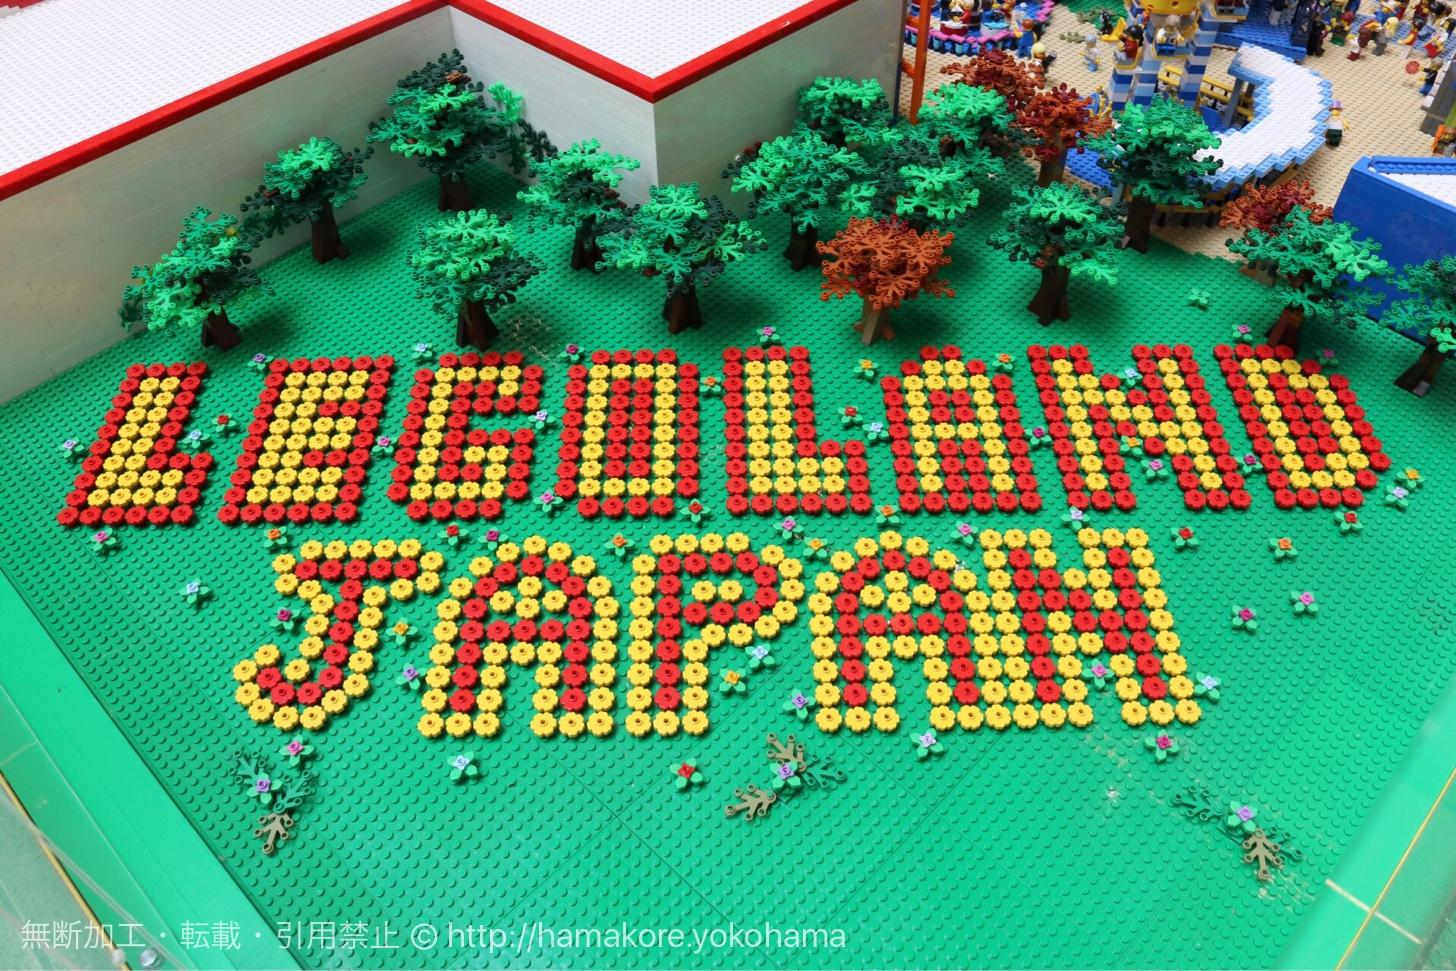 レゴランド・ジャパンのジオラマ